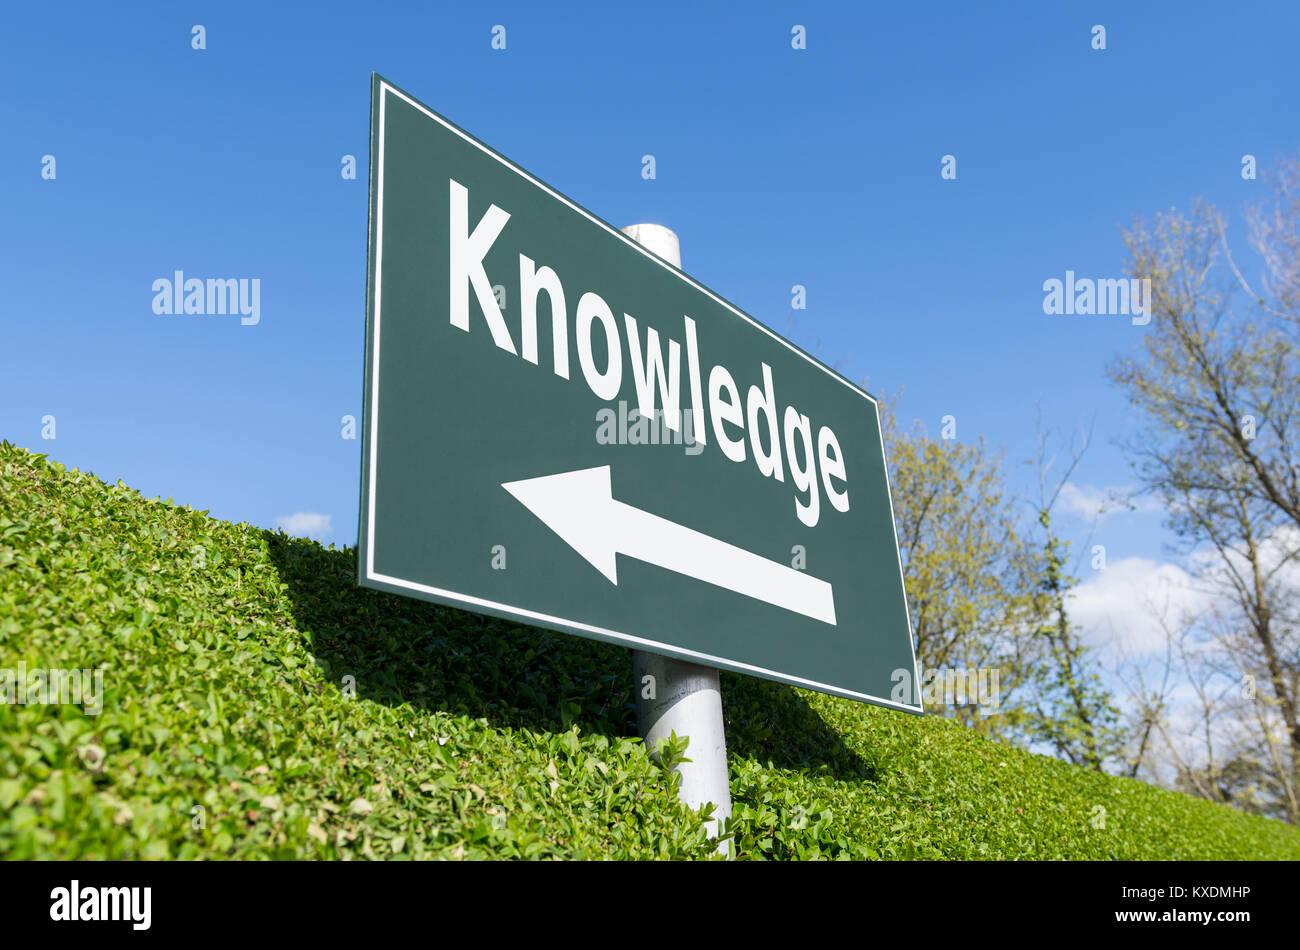 Concetto di conoscenza. Segno rivolto nella direzione della conoscenza. Immagini Stock